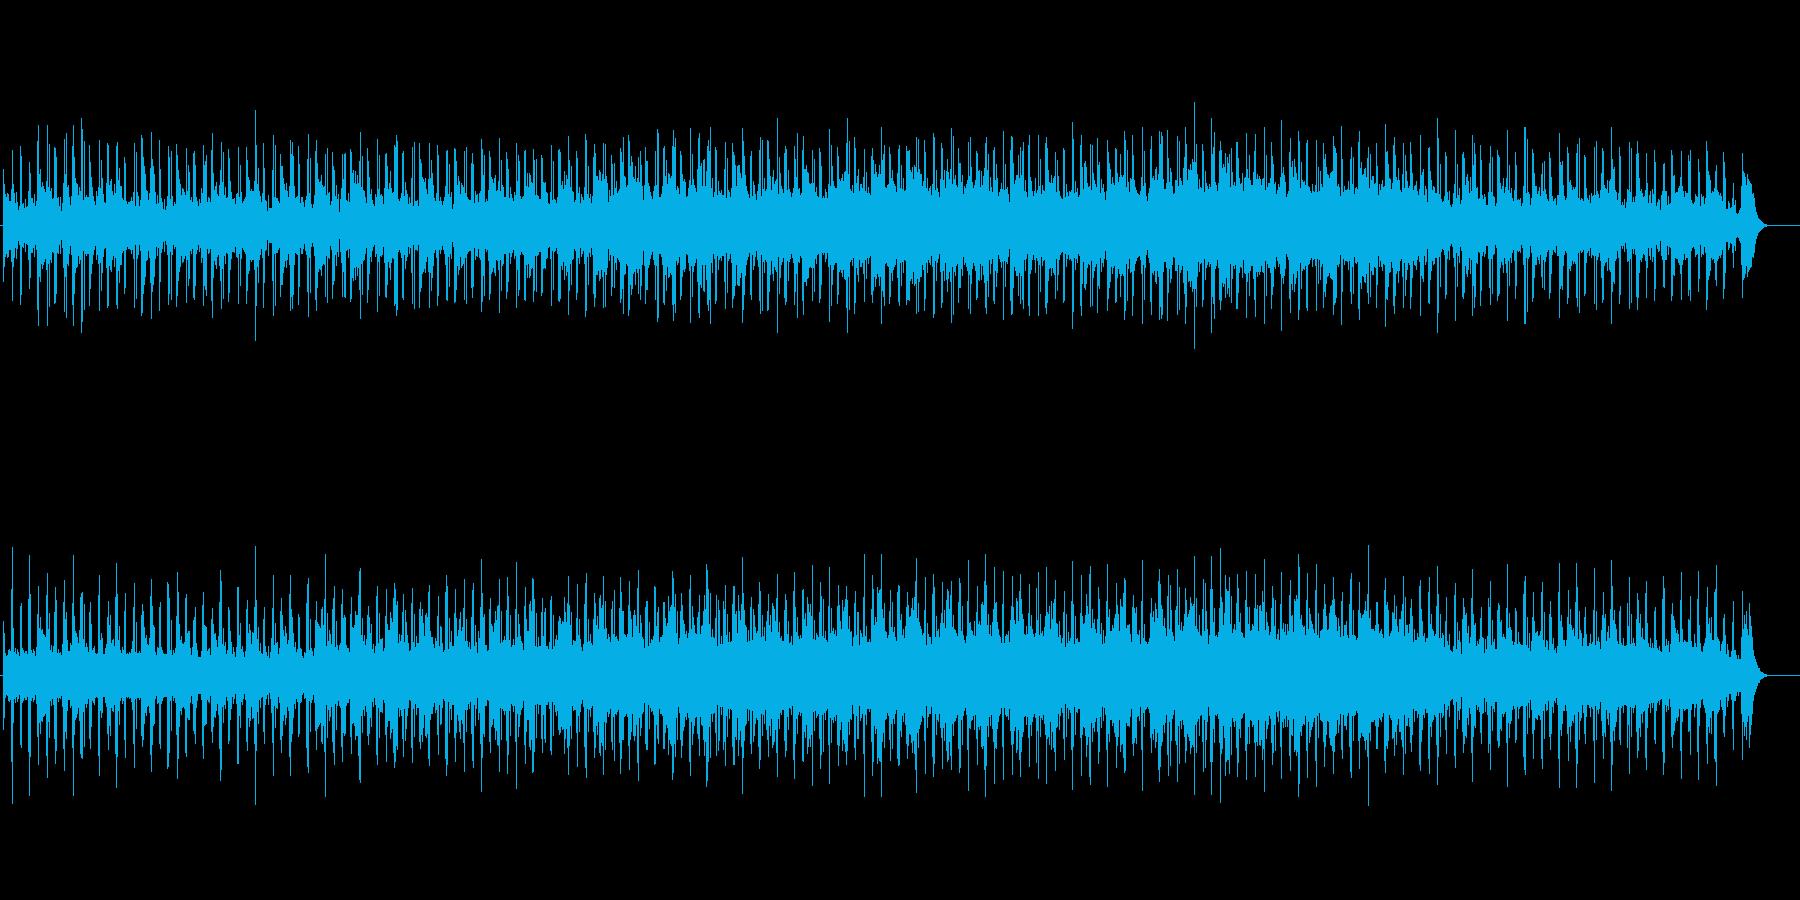 植物、昆虫等、記録物に合うミュージックの再生済みの波形